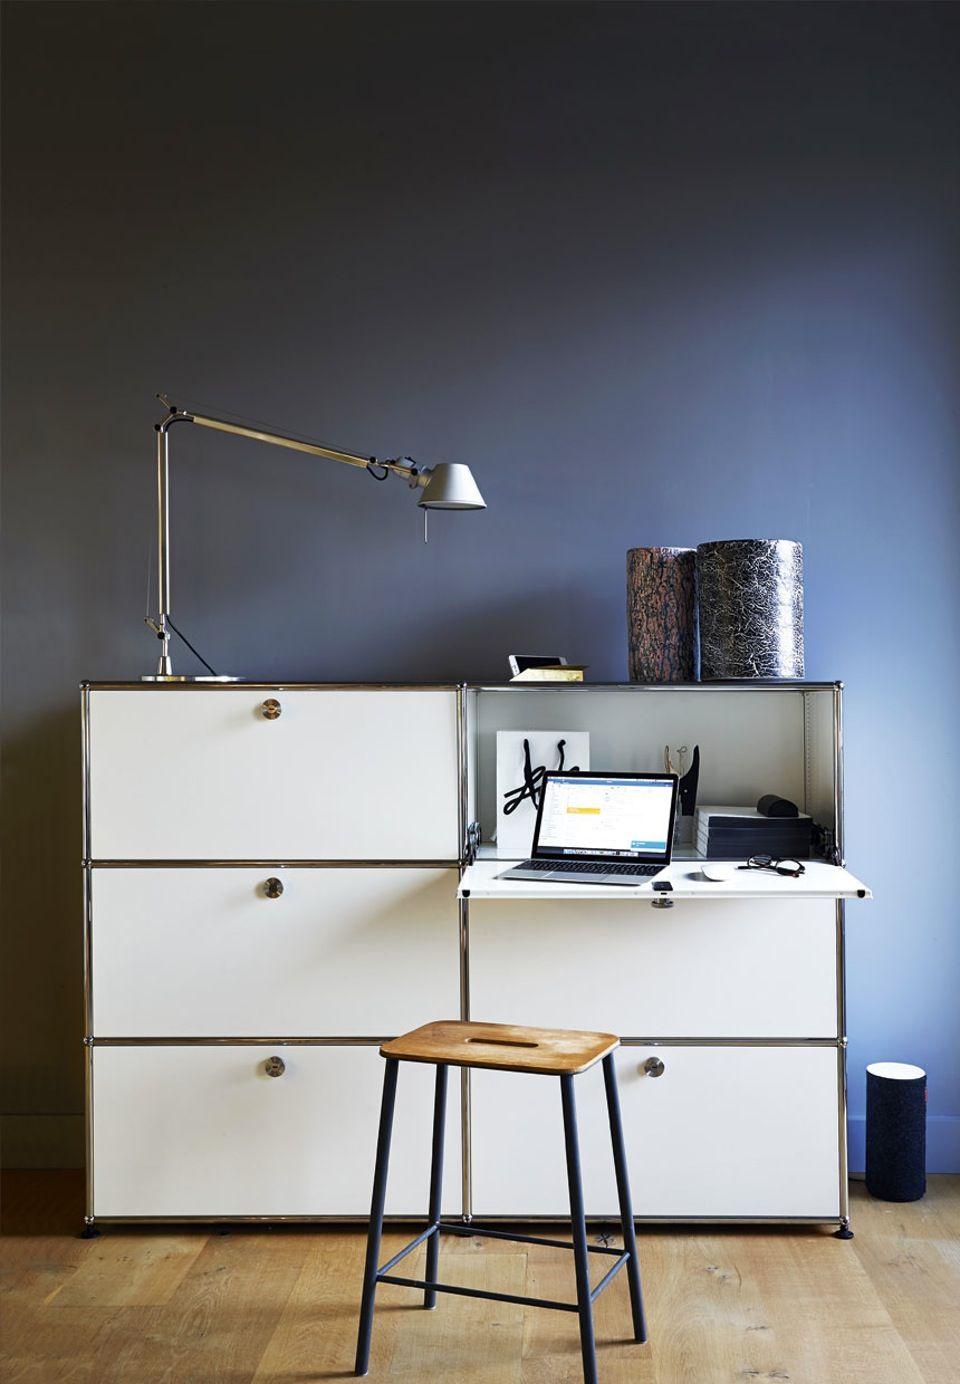 die besten 25 usm schreibtisch ideen auf pinterest usm haller schreibtisch usm m bel und usm. Black Bedroom Furniture Sets. Home Design Ideas